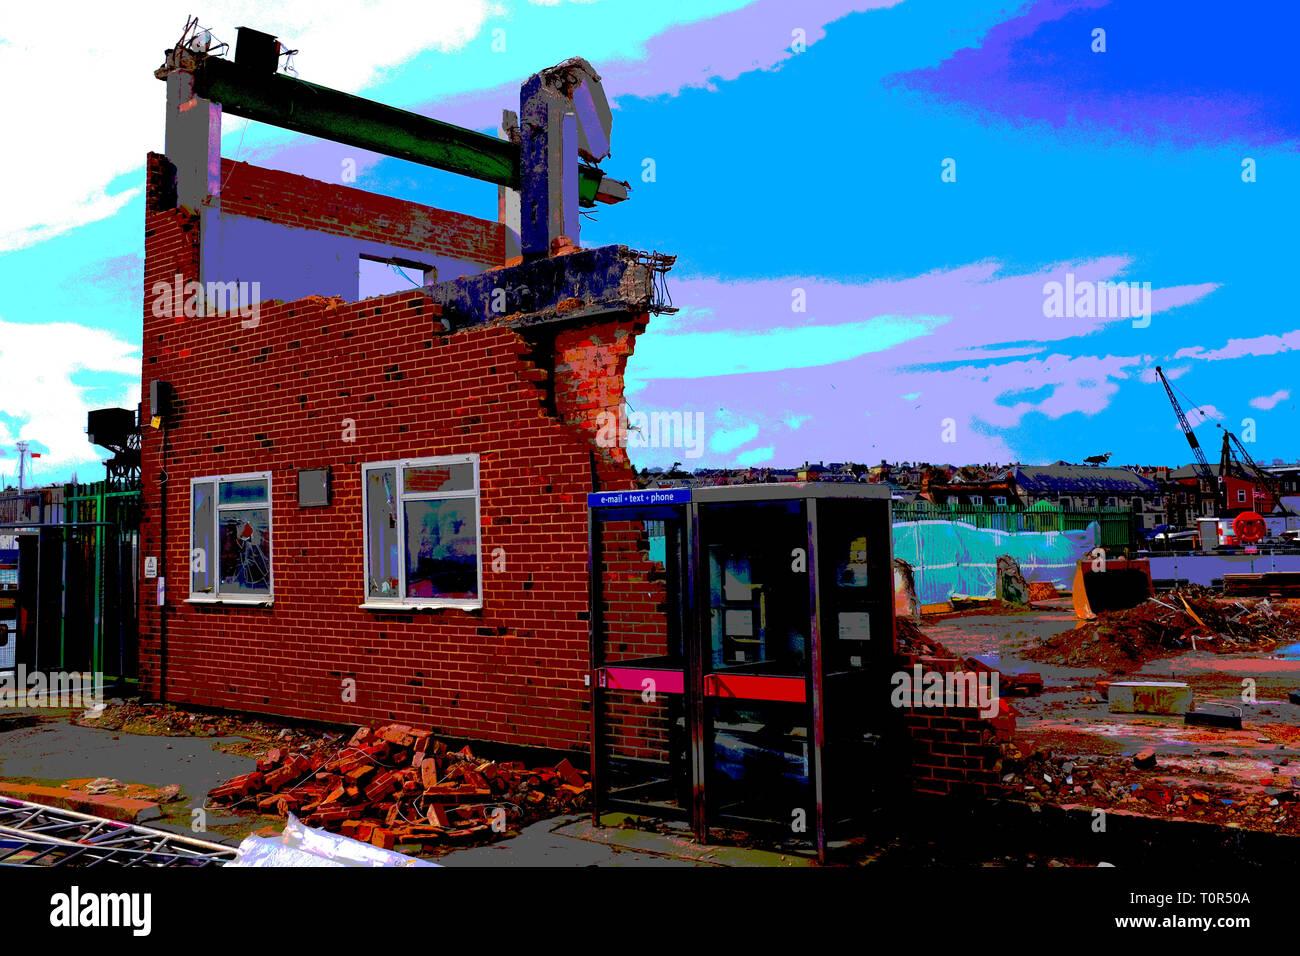 Posterised,posterized,colore,trattamento,parzialmente,demolita,costruzione,magazzino,factory,telefono,scatole,windows,mattoni,l'acciaio,lavoro,Oriente,Cowes,l'Isola di Wight Immagini Stock